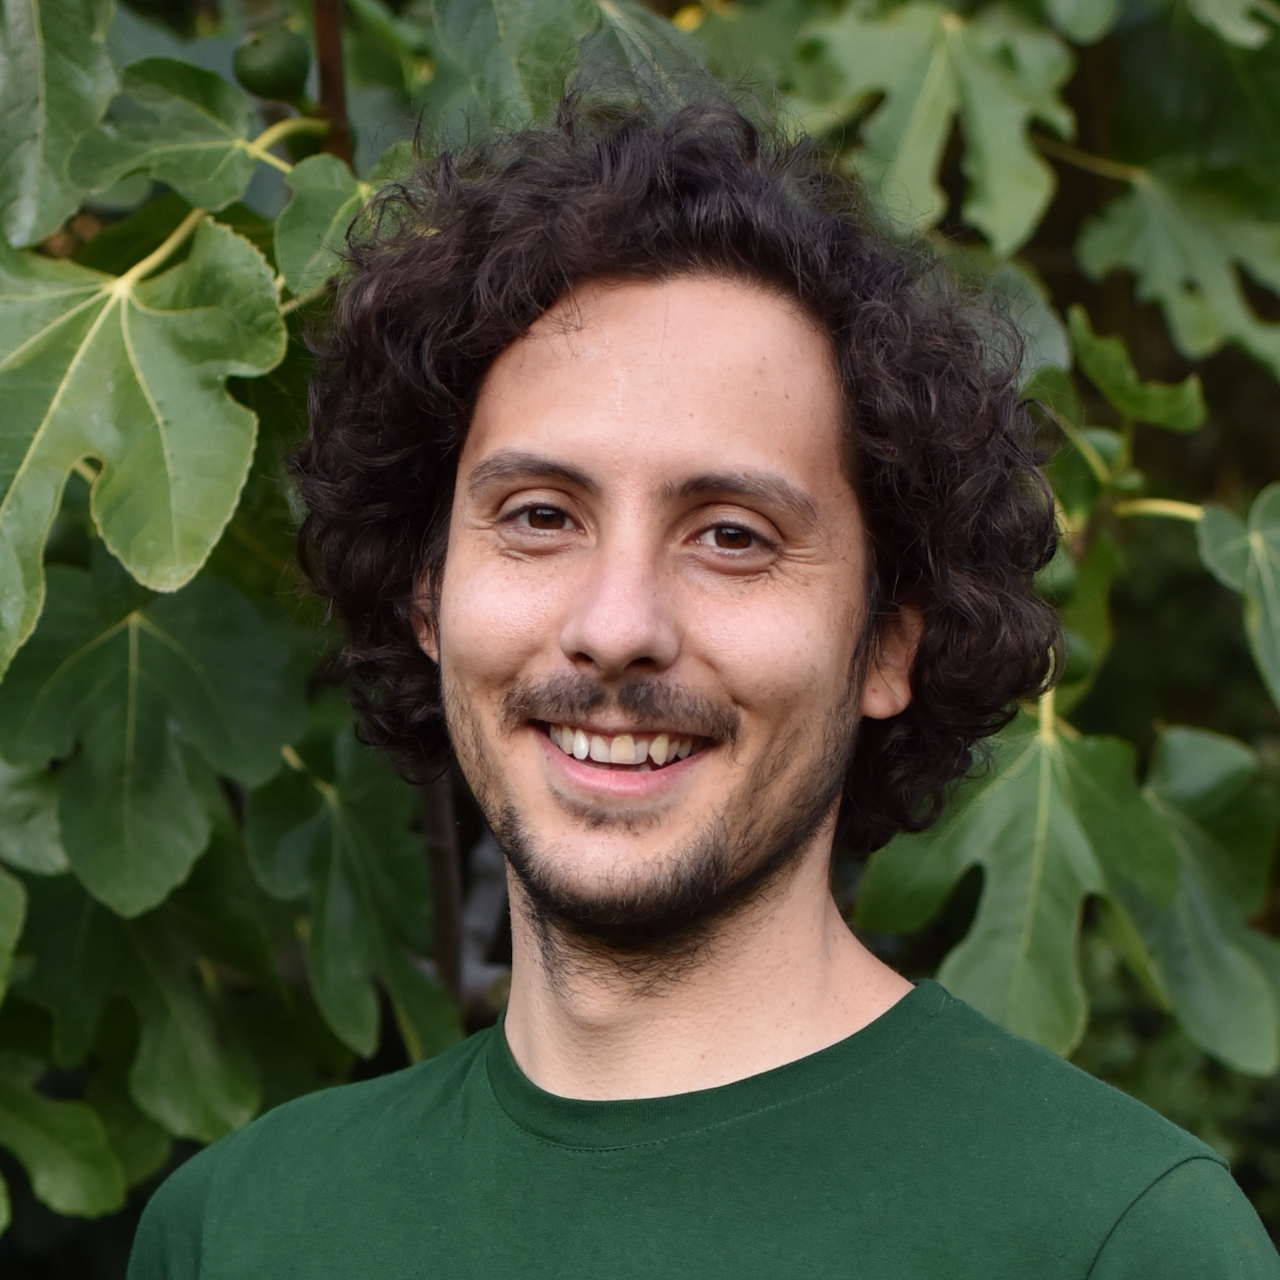 Agustín Orozco